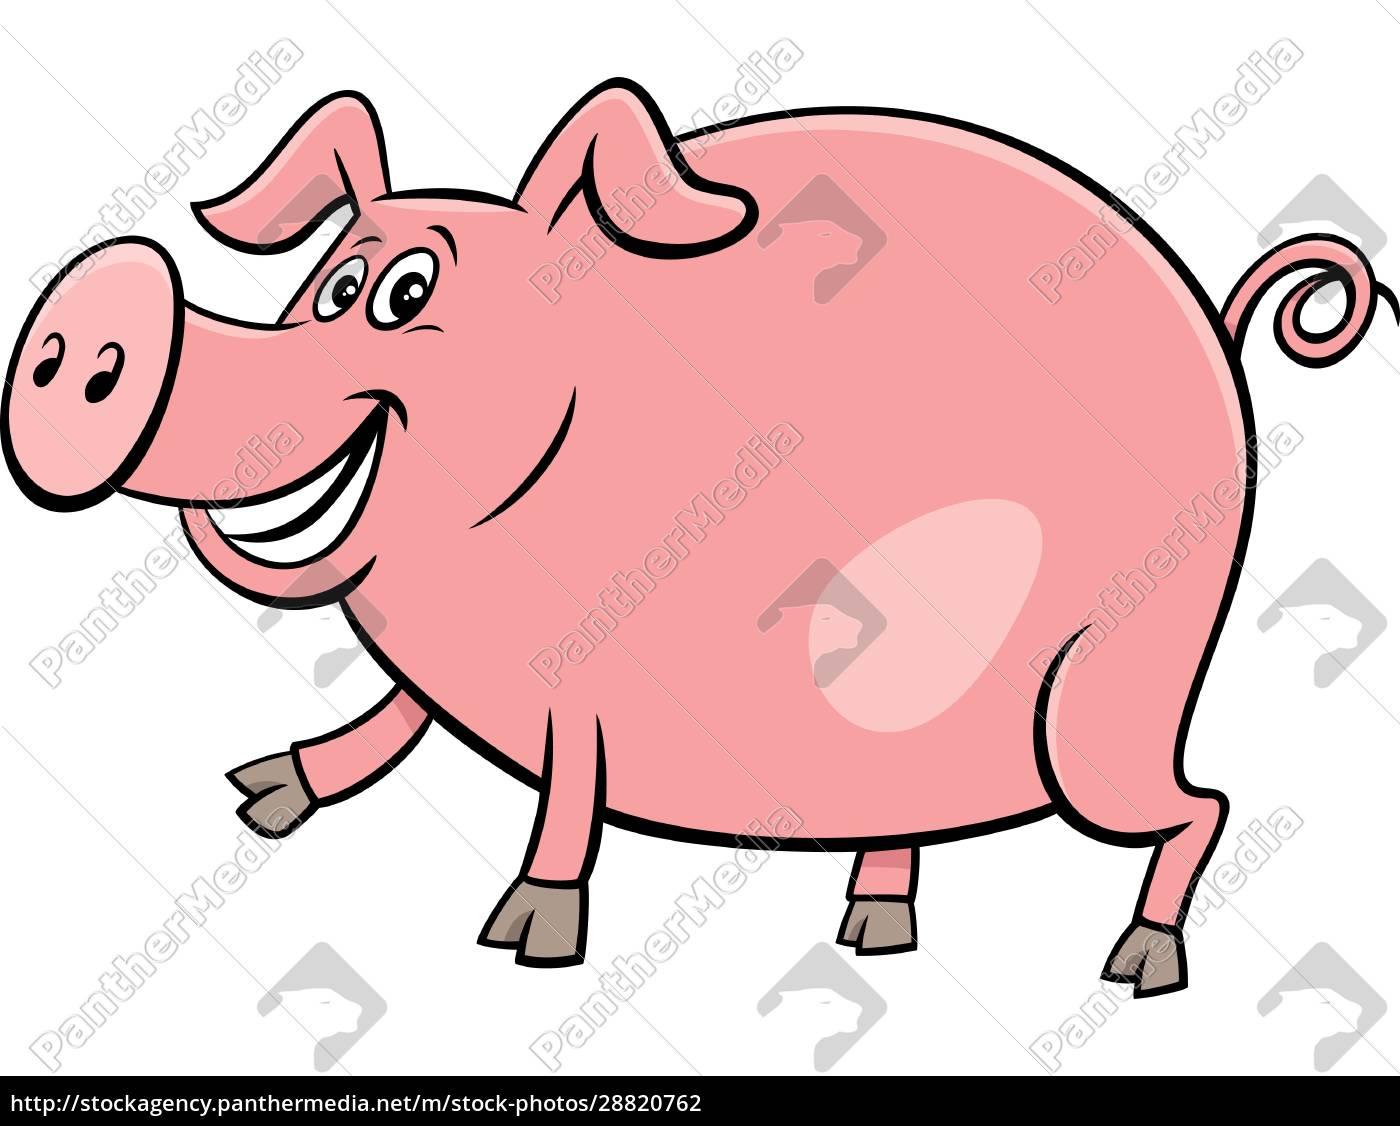 szczęśliwy, świnia, hodowla, zwierzę, charakter, rysunek - 28820762